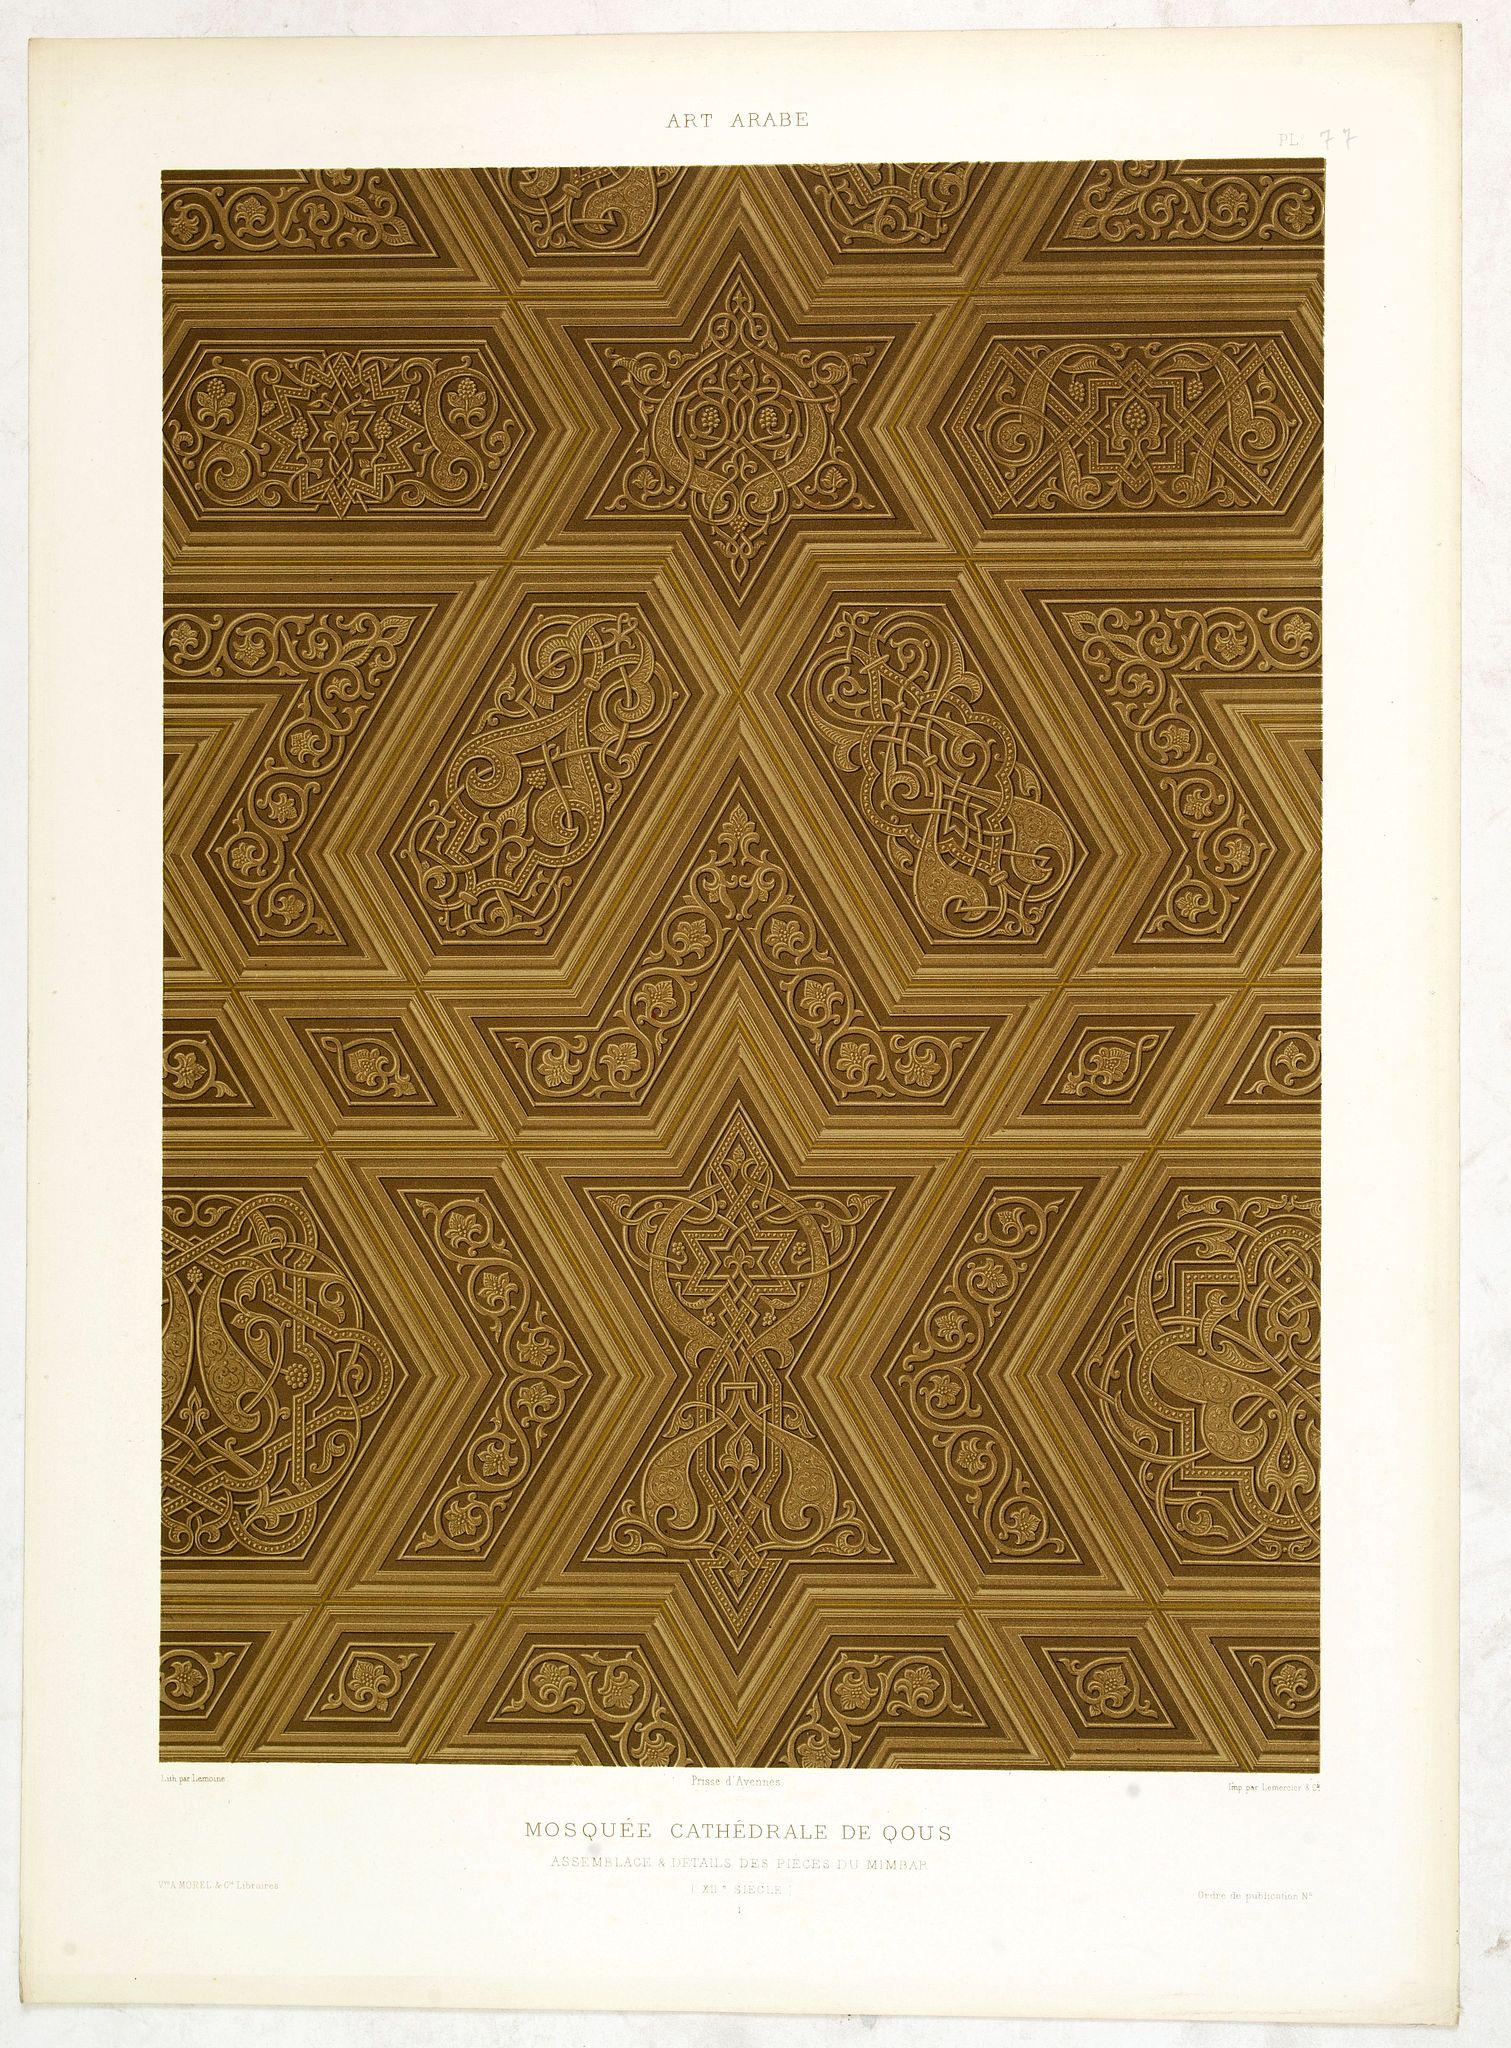 PRISSE D'AVENNES, E. -  Art arabe. - Mosquée cathédrale de qous assemblage & détails des pièces du mimbar. . .